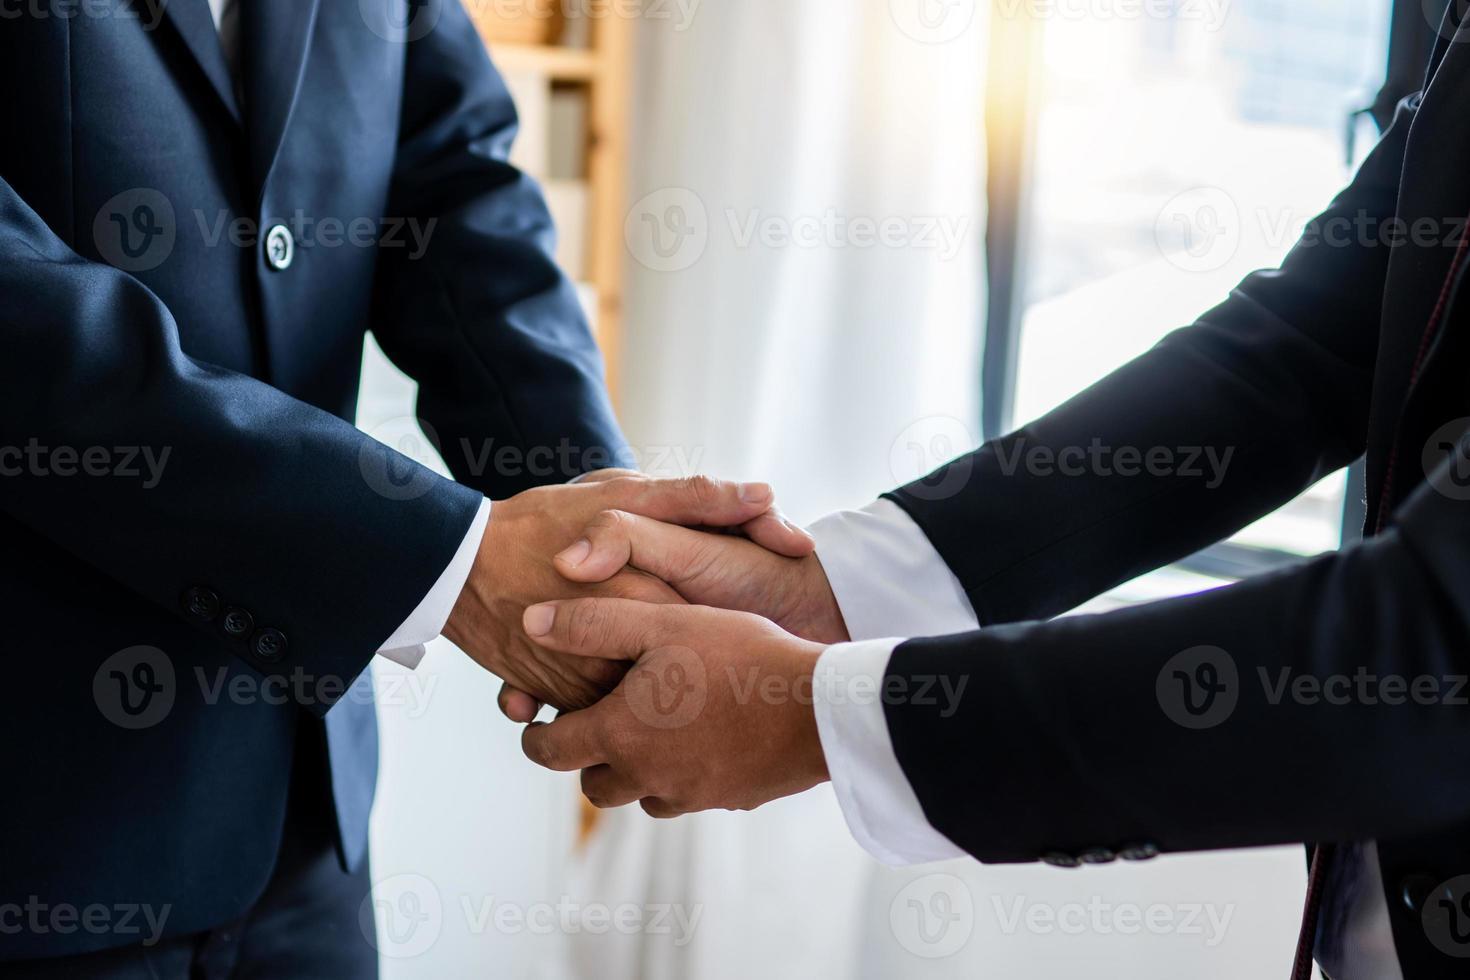 erfolgreiches Verhandlungs- und Handshake-Konzept, zwei Geschäftsleute geben dem Partner die Hand, um Partnerschaft und Teamwork zu feiern, Geschäft foto